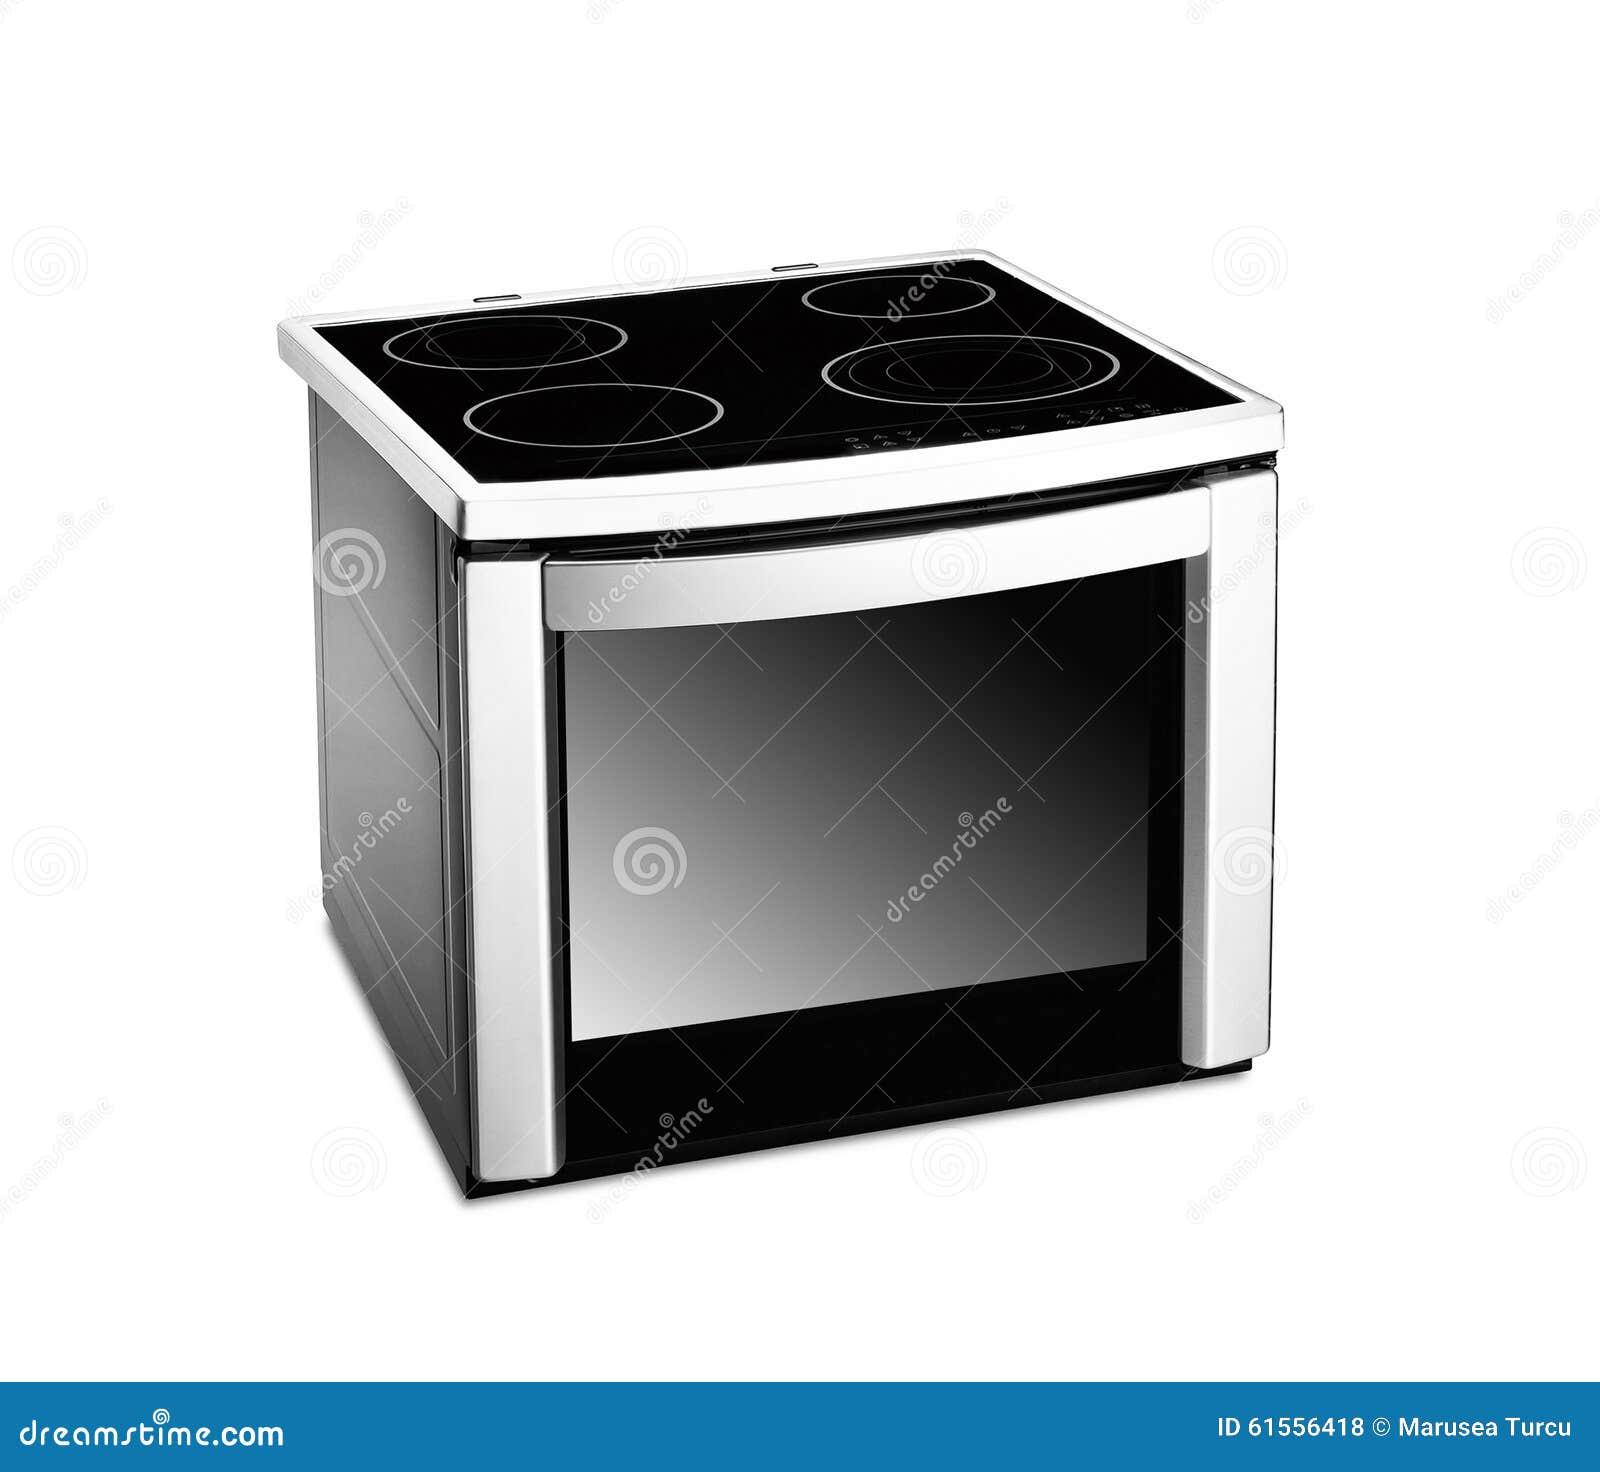 Cocina Industrial Electrica Acero Inoxidable Con Horno 800 De 4 Fuegos